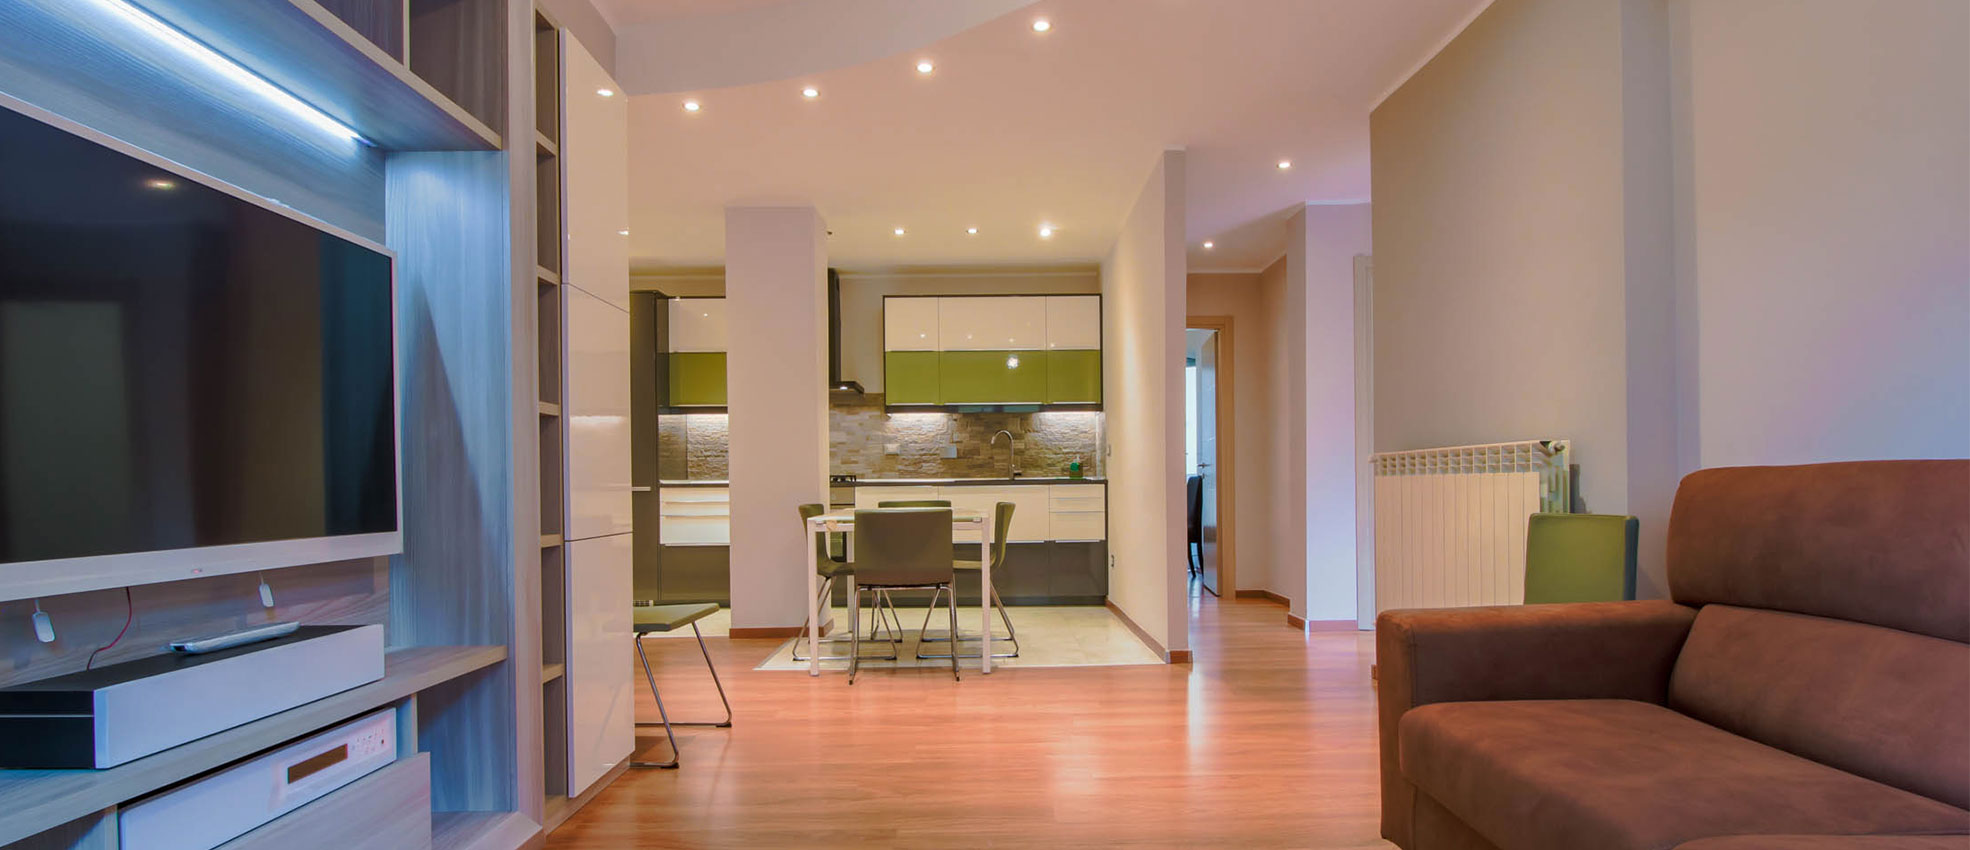 Sanremo centrale vendita appartamento ristrutturato